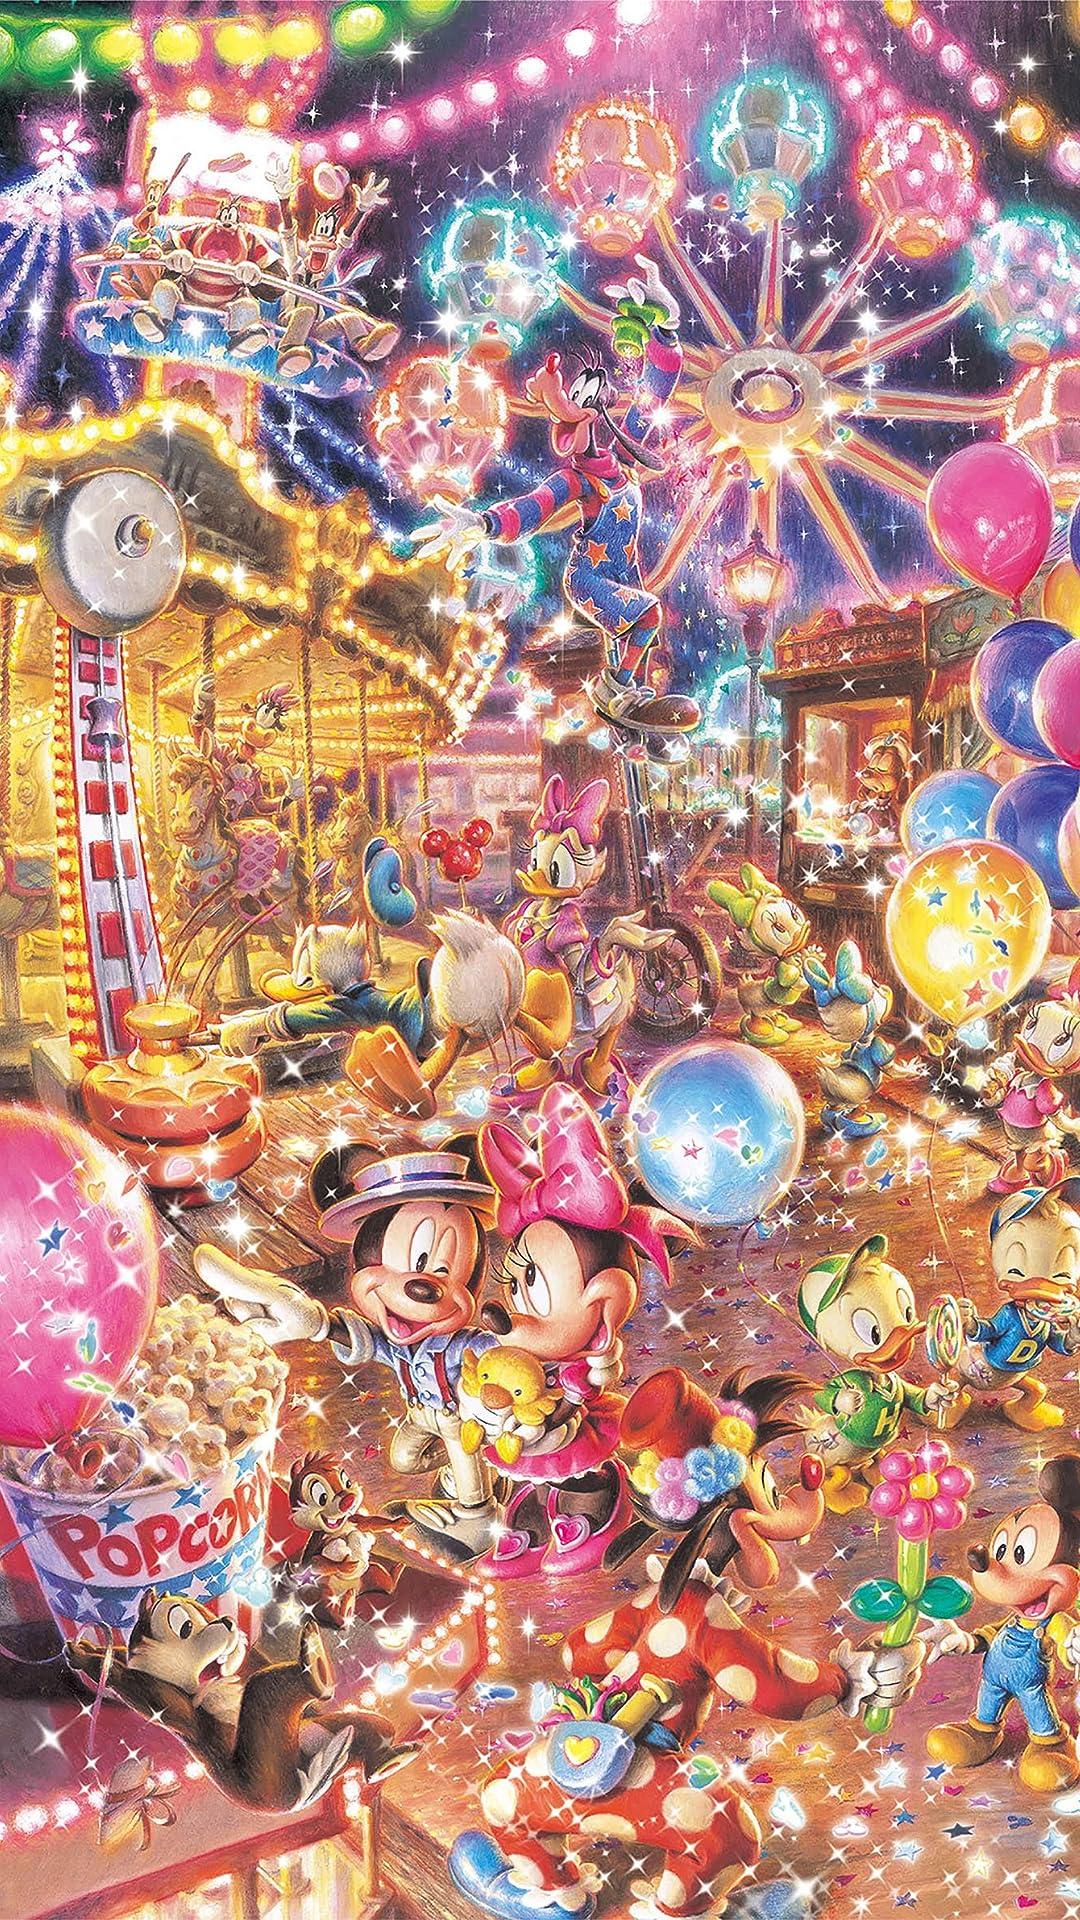 ディズニー トワイライトパーク フルHD(1080×1920)スマホ壁紙/待受画像